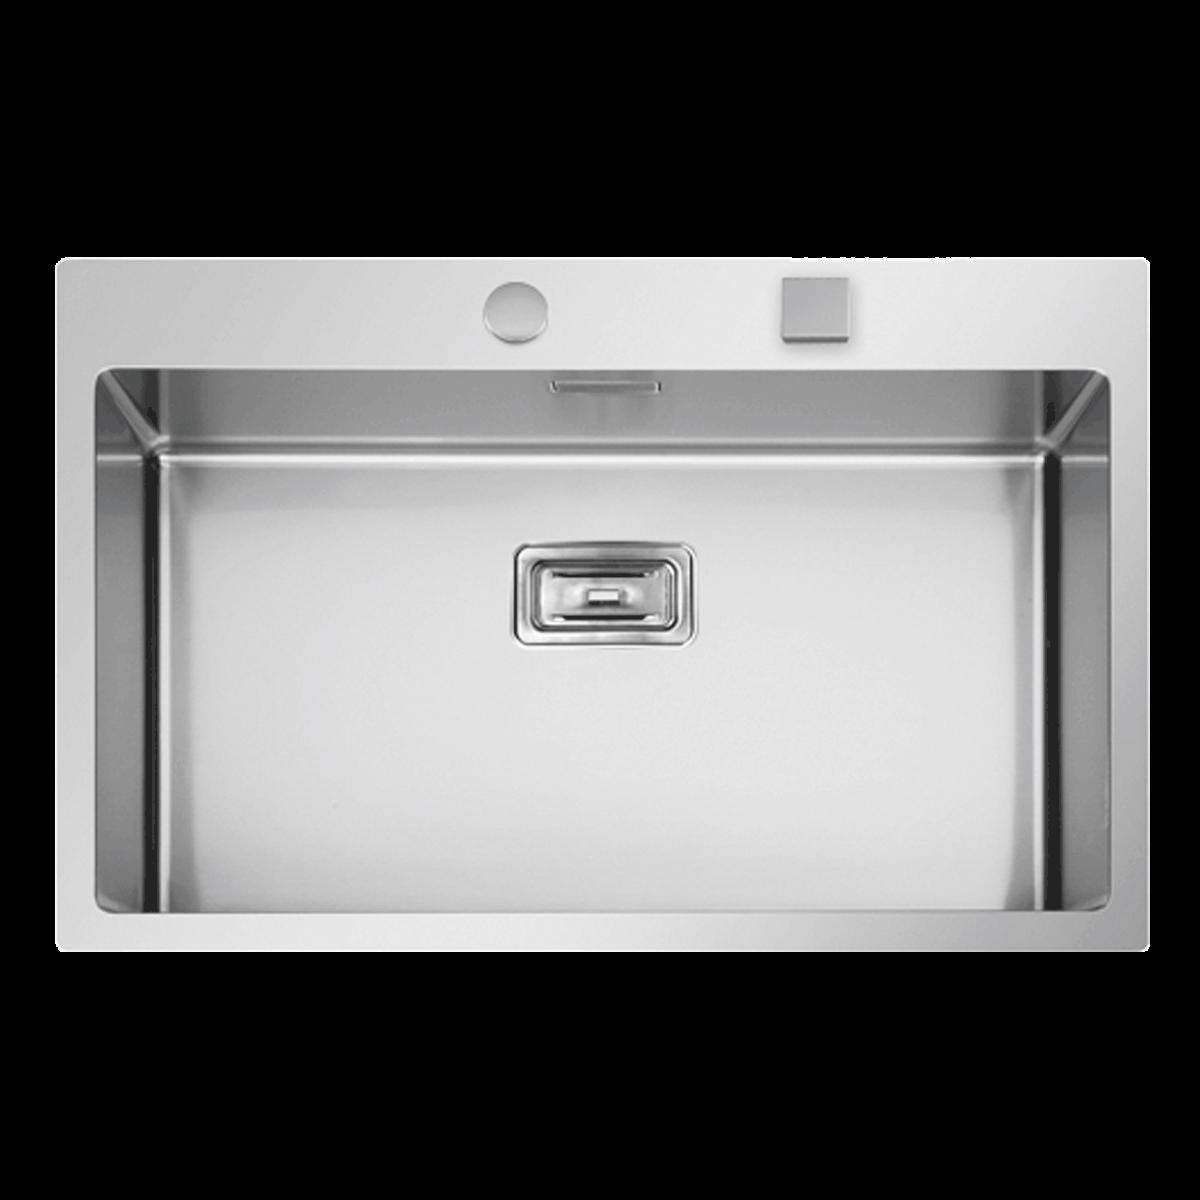 Evier en inox Rodi Box Lux Box Lux 76 BRO finition satiné couleur inox 765x510 avec 1 cuve vidage manuel Box Lux 76